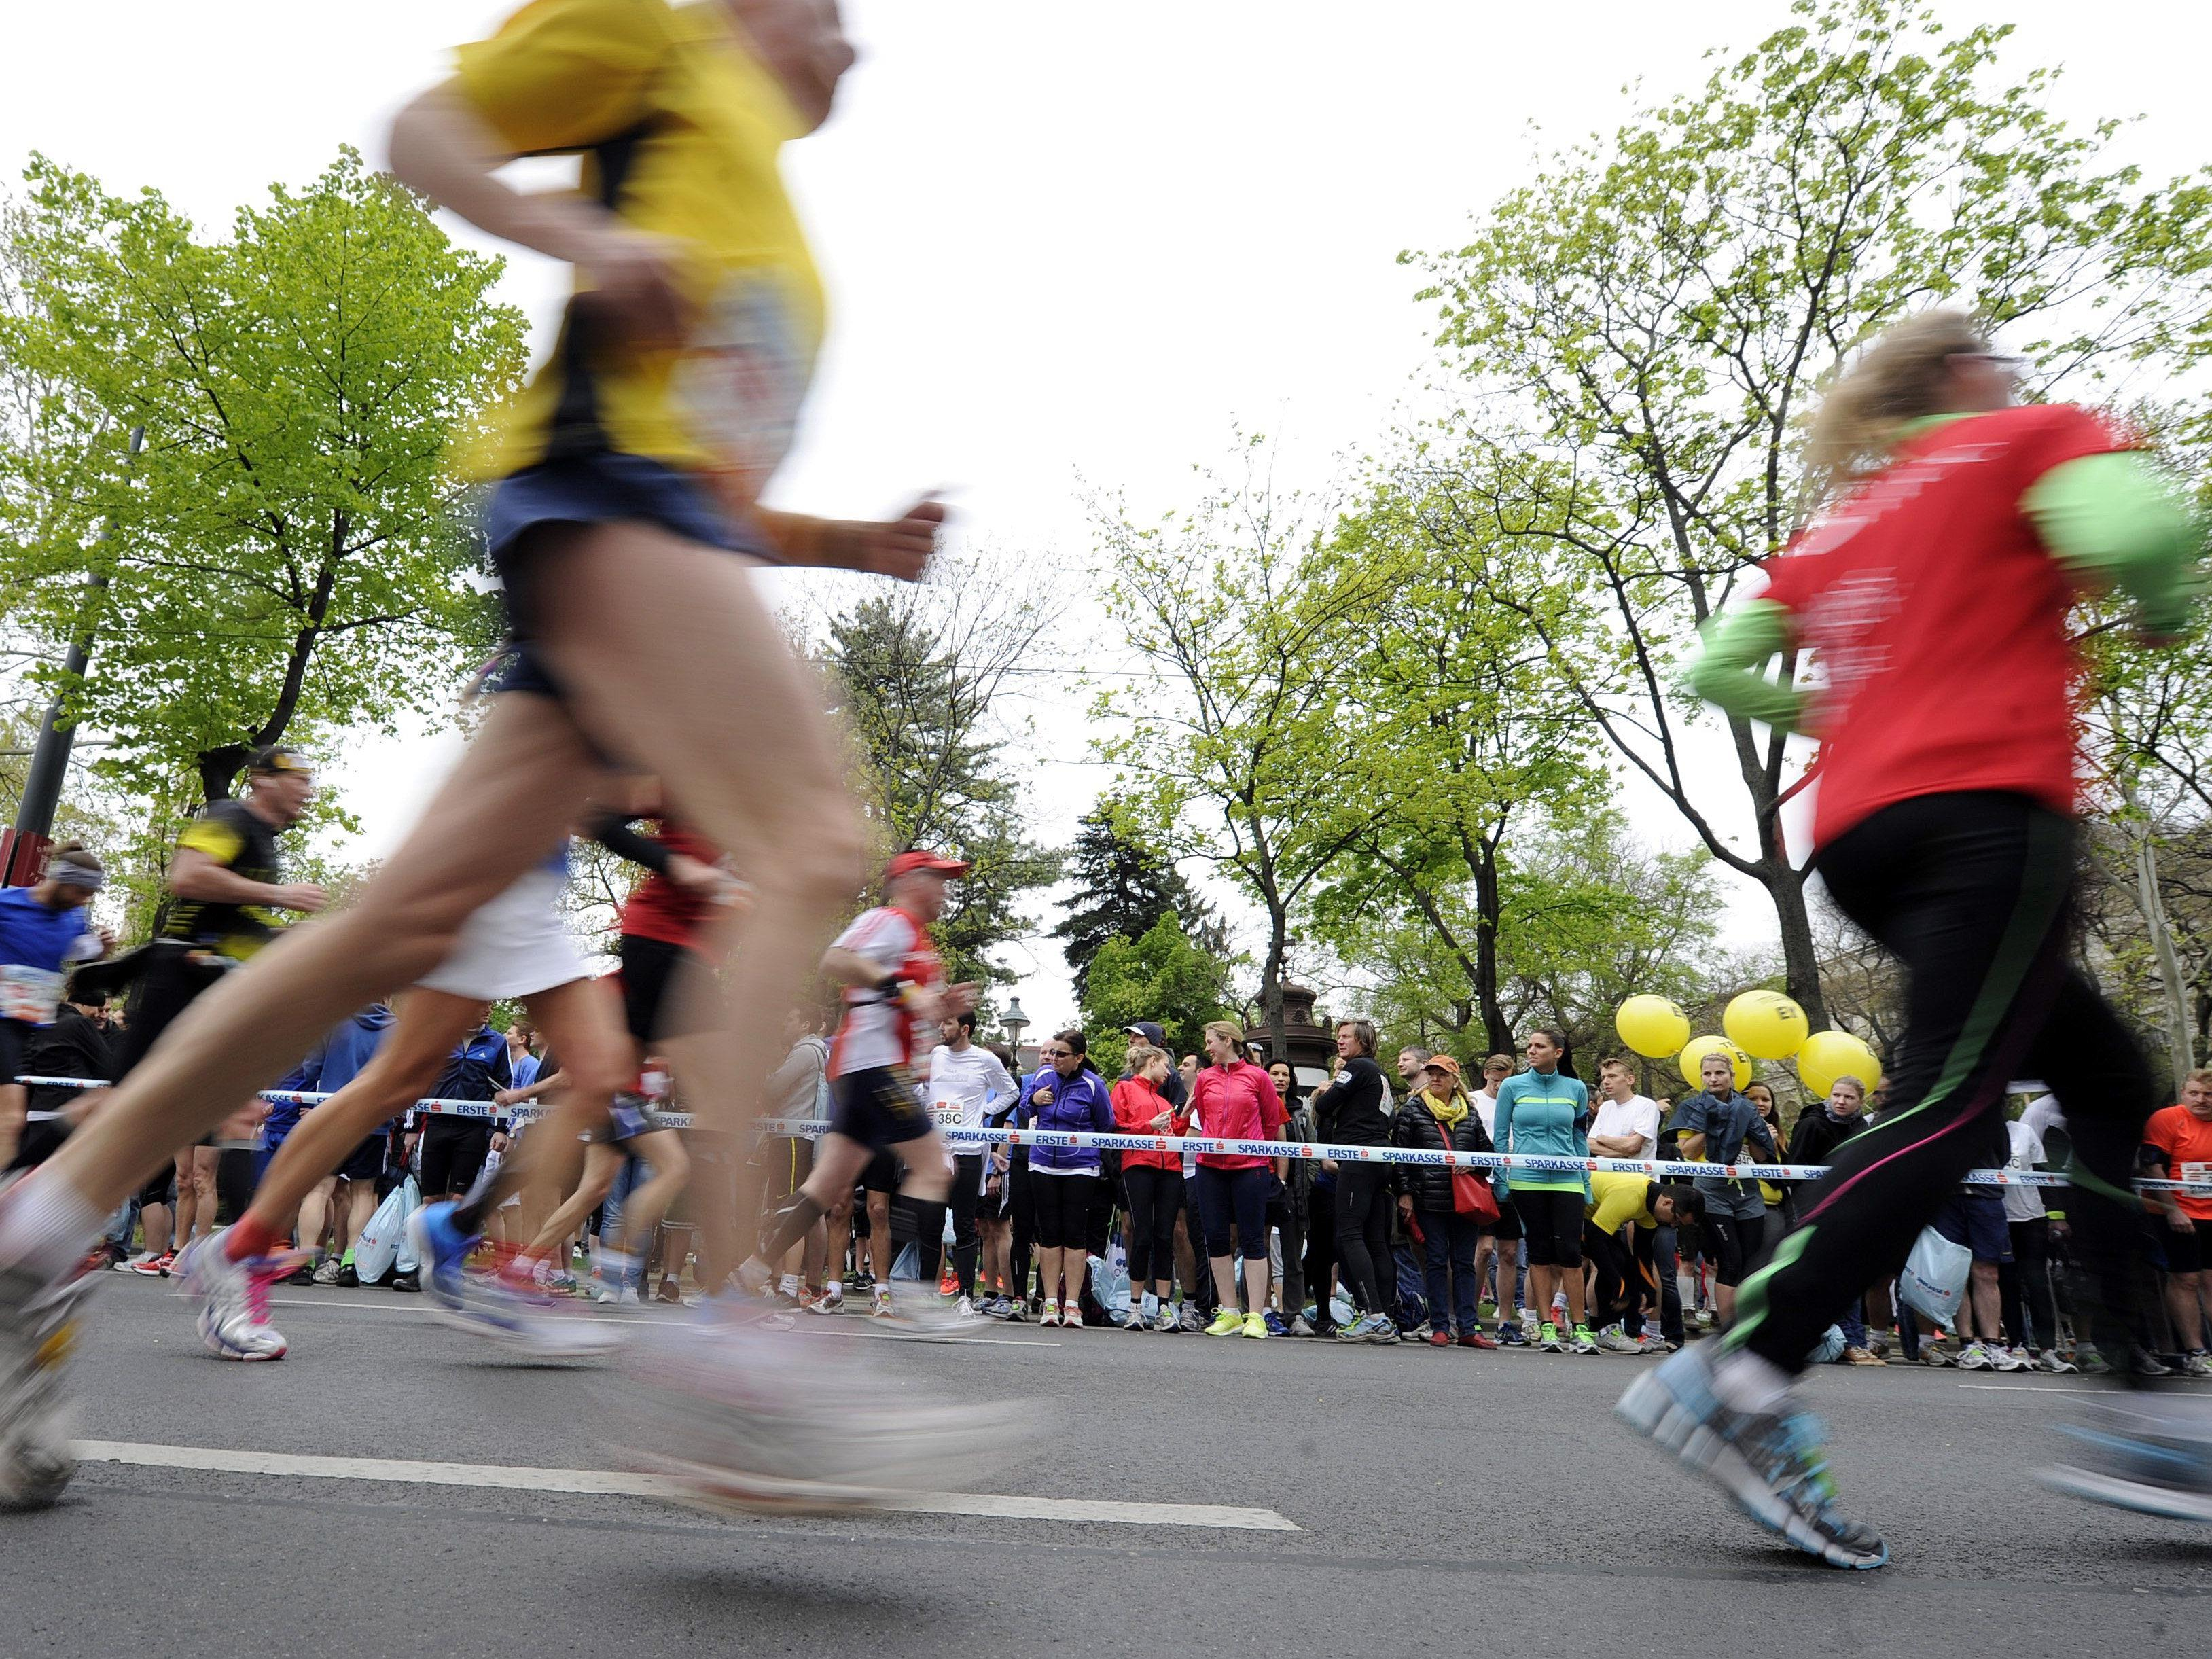 Ab 8.30 Uhr berichten wir LIVE vom Vienna City Marathon 2015.